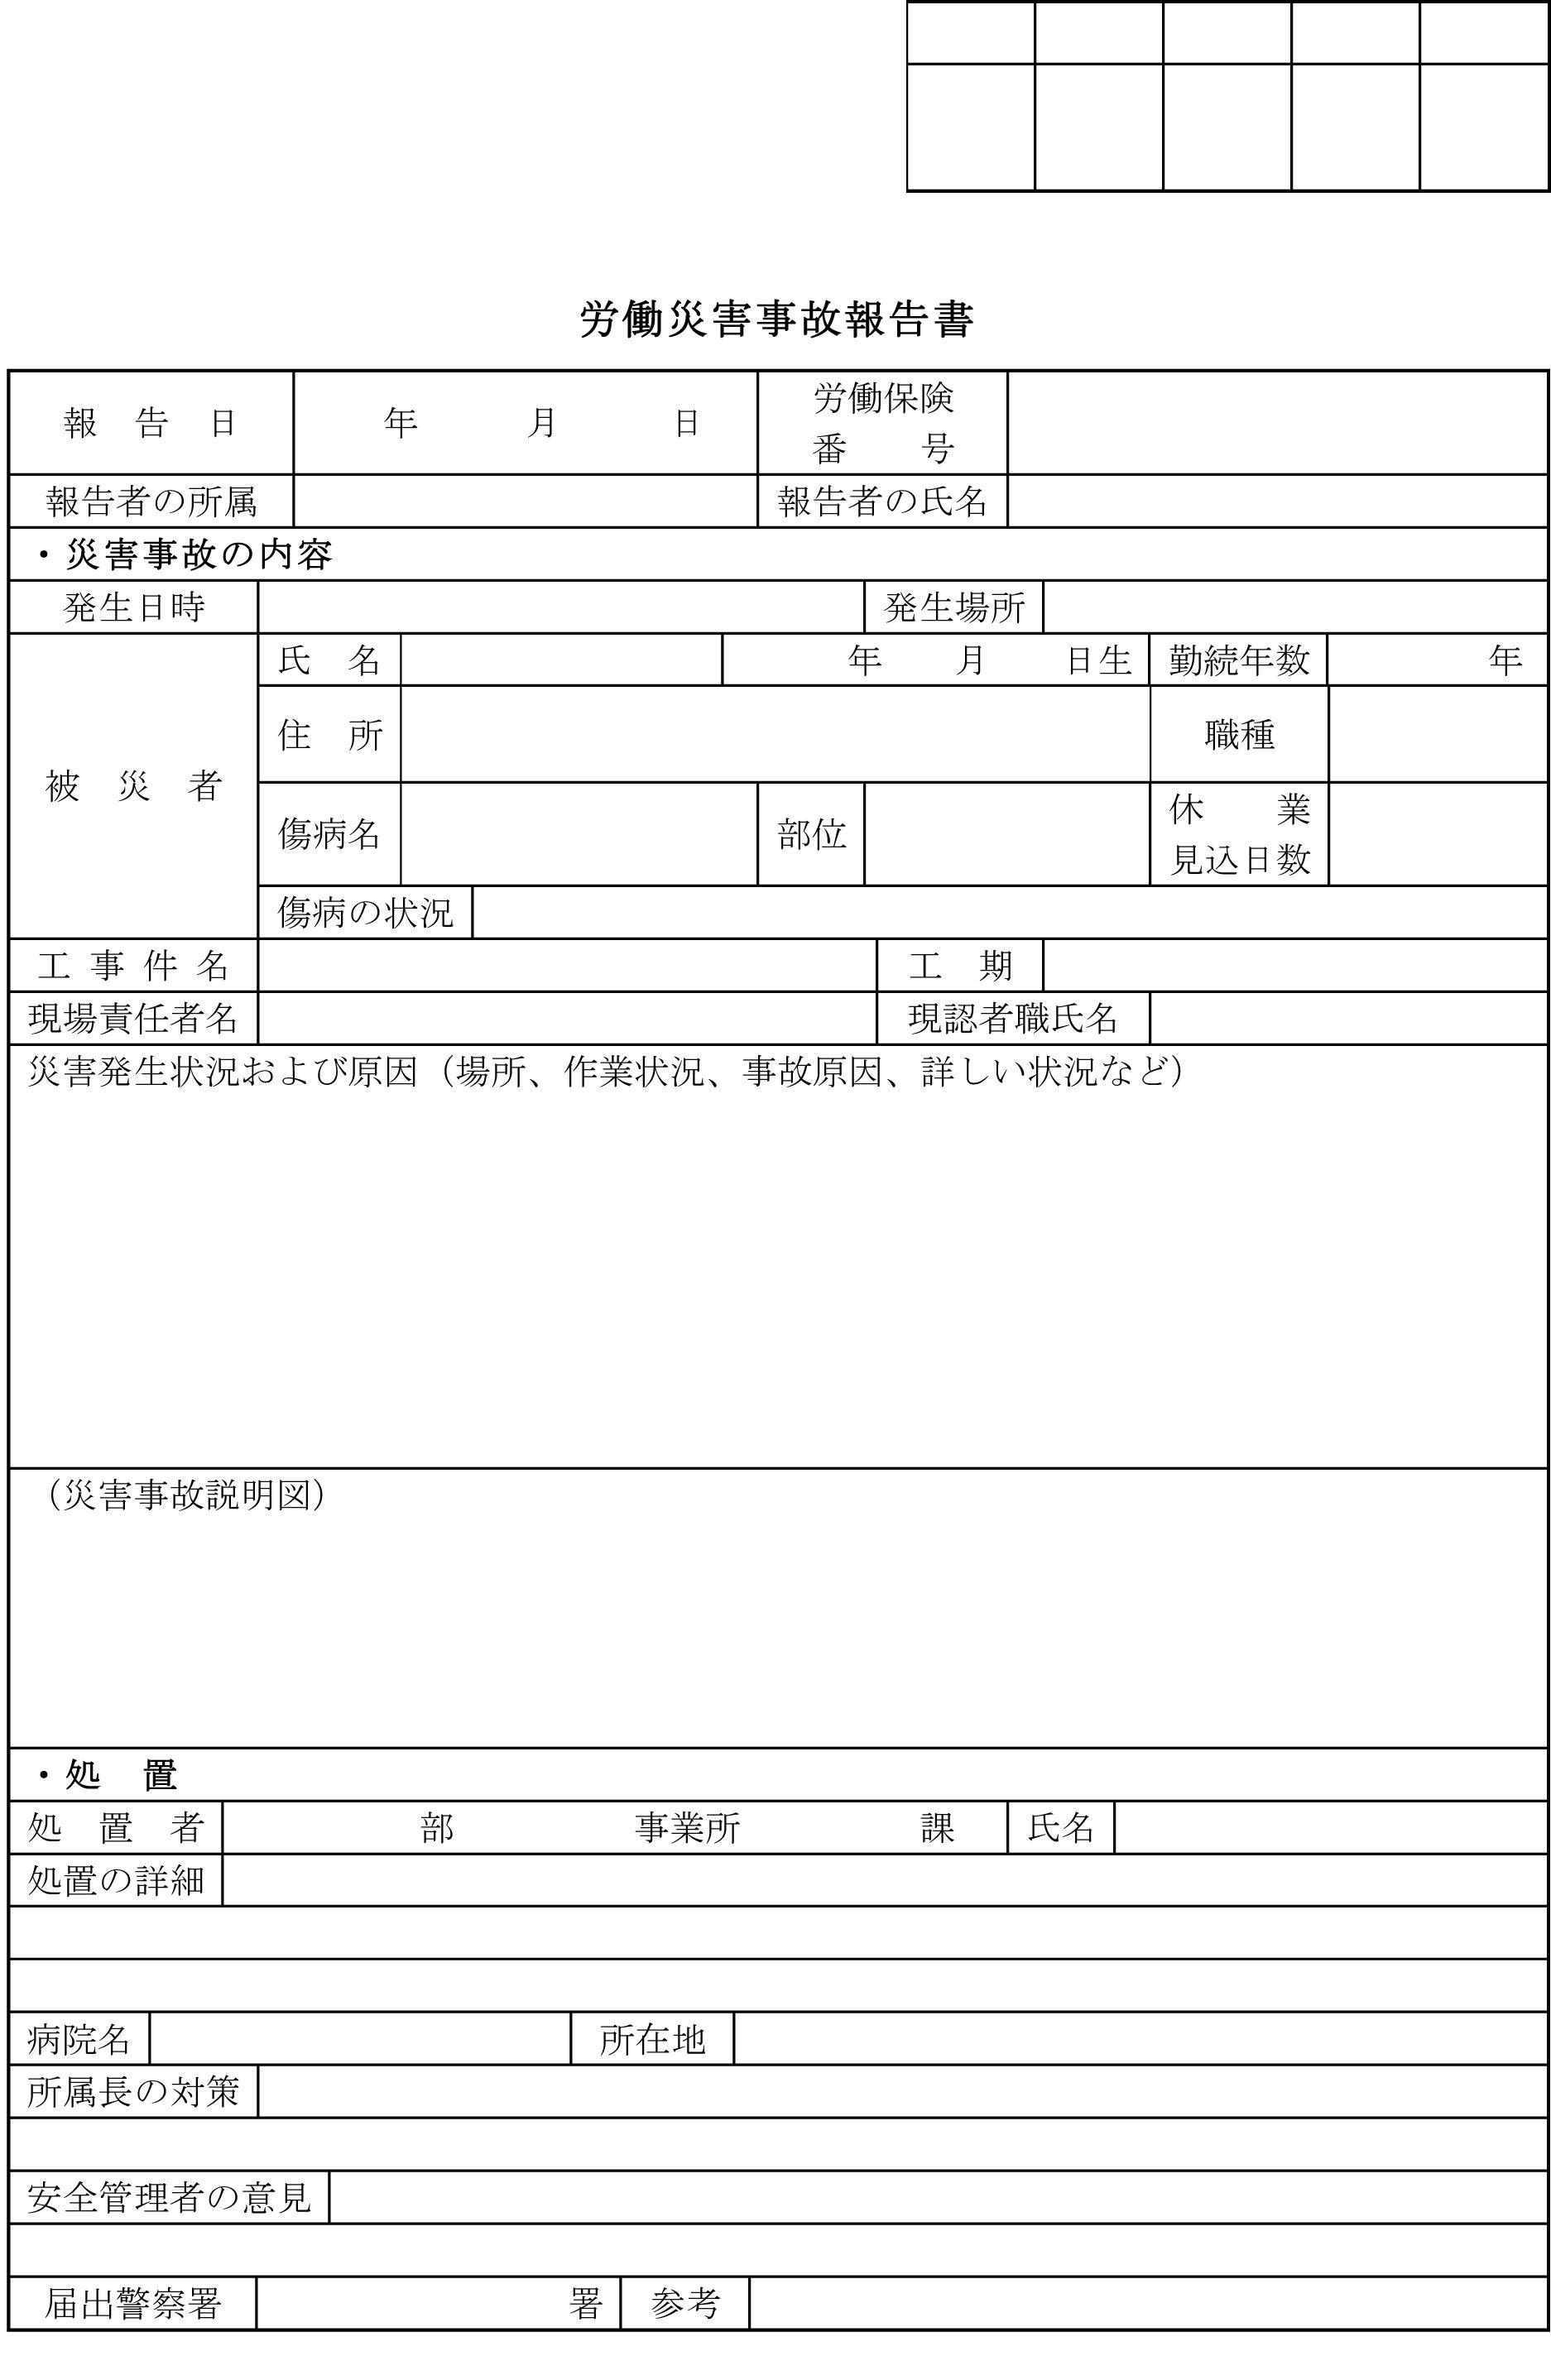 労働災害事故報告書のテンプレート書式